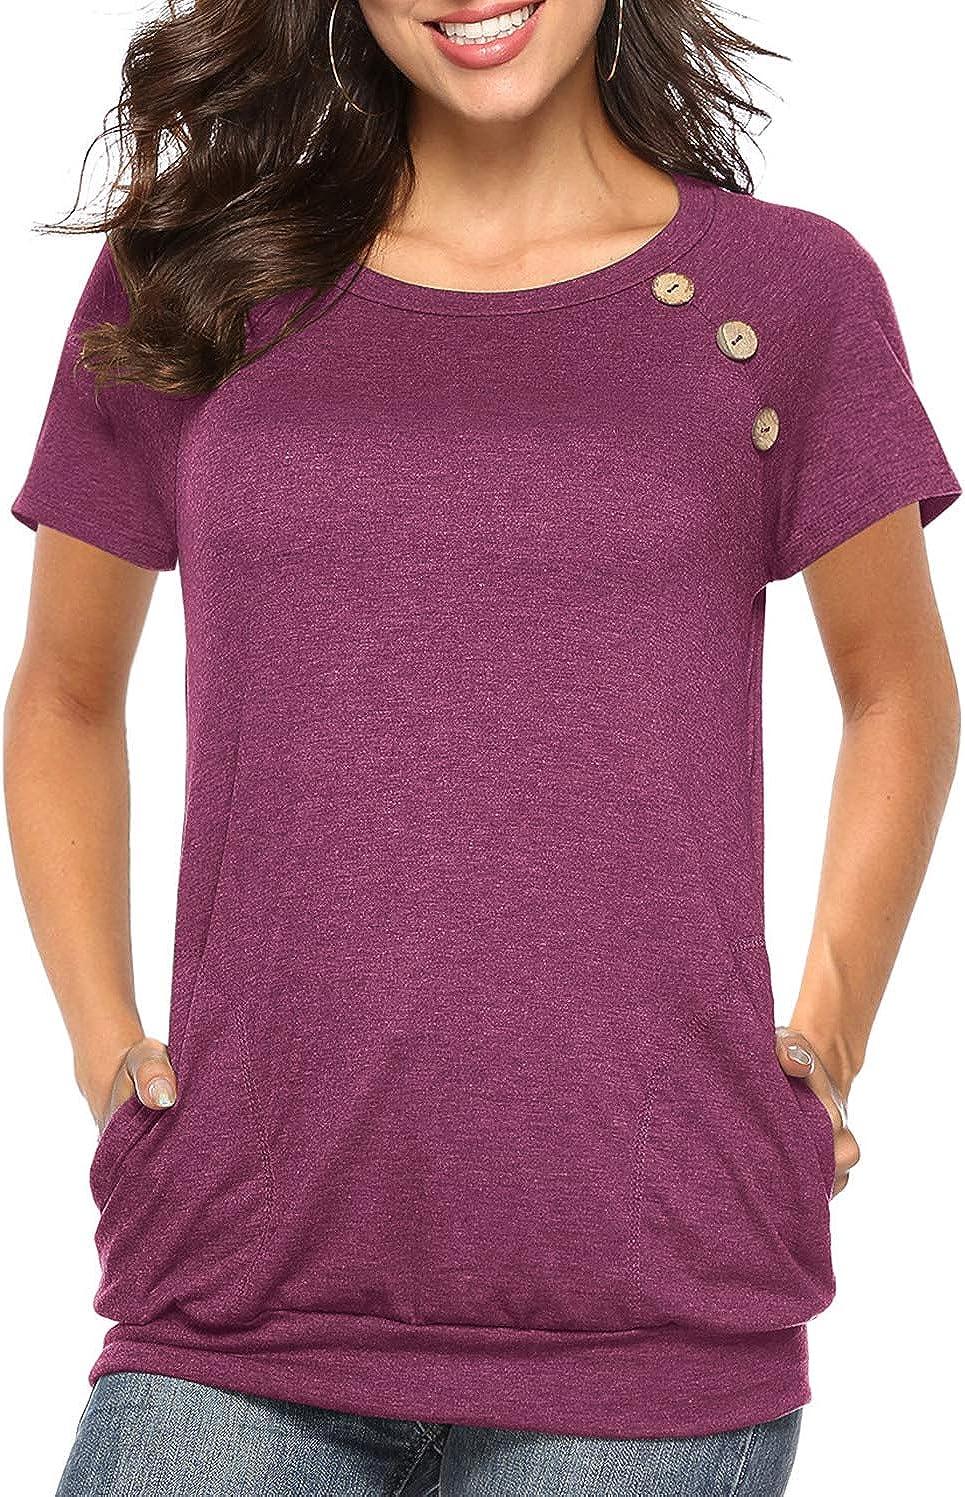 Martiount Femme Col Rond T Shirt /à Manches Courtes//Longues Couleur Unie Tunique Plaine Mode Bouton Tops avec Poches